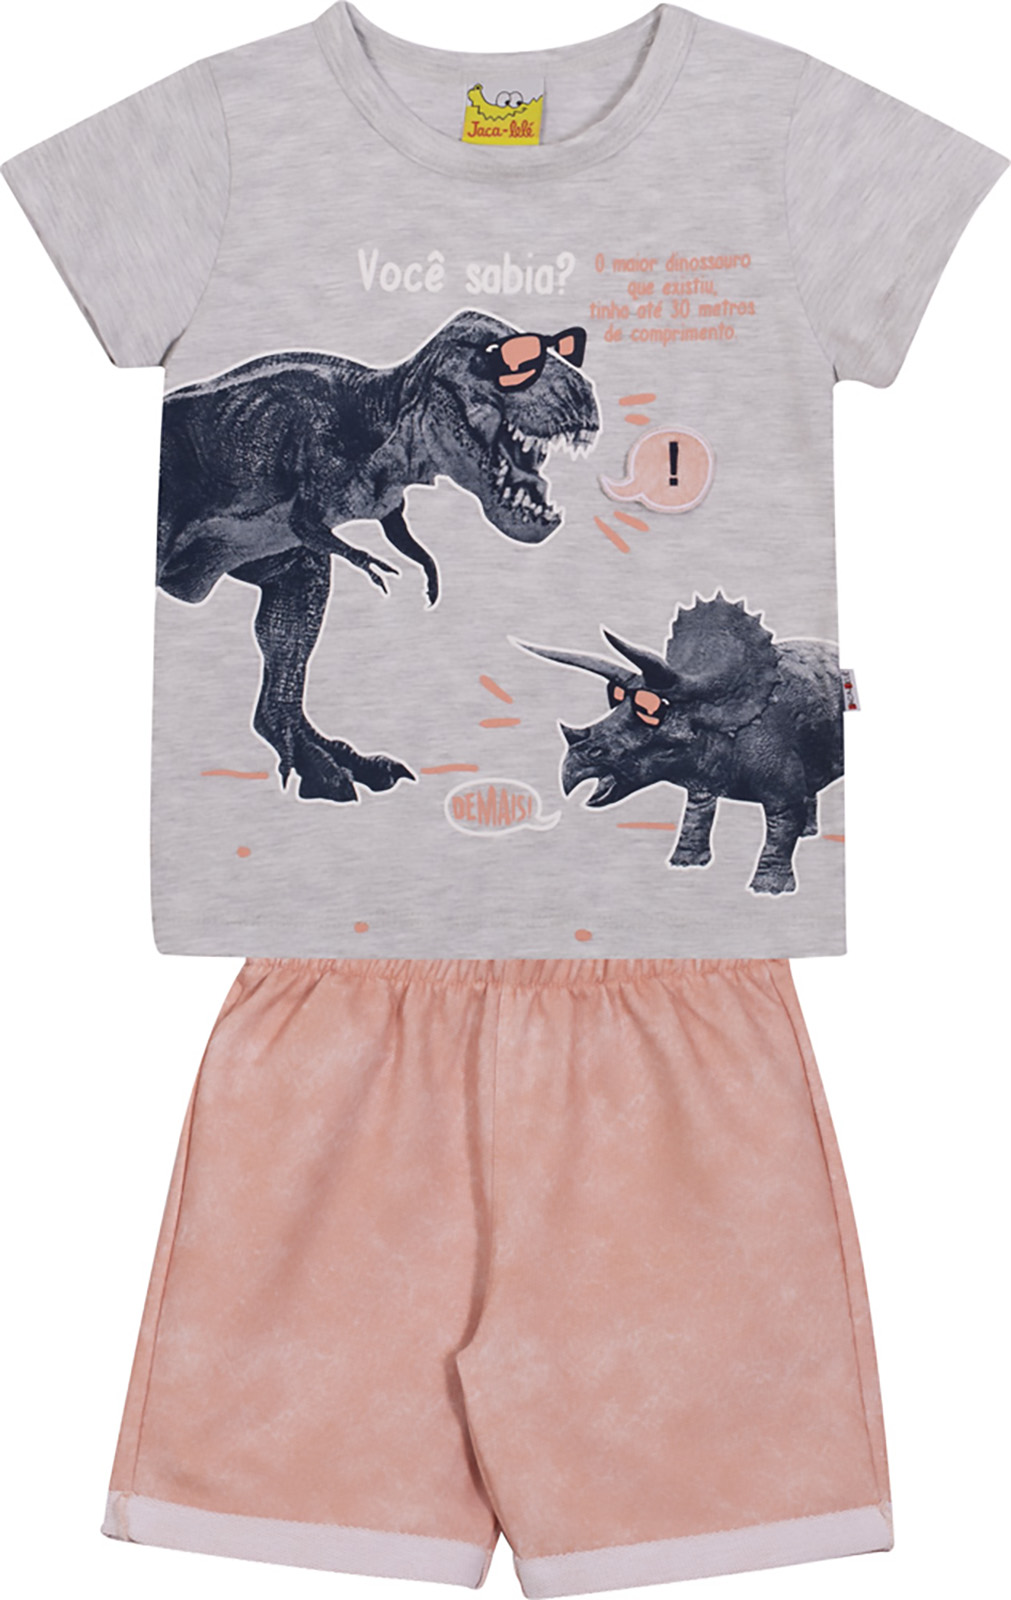 Conjunto Infantil Camiseta e Bermuda JACA-LELÉ Dinossauro Cinza e Salmão